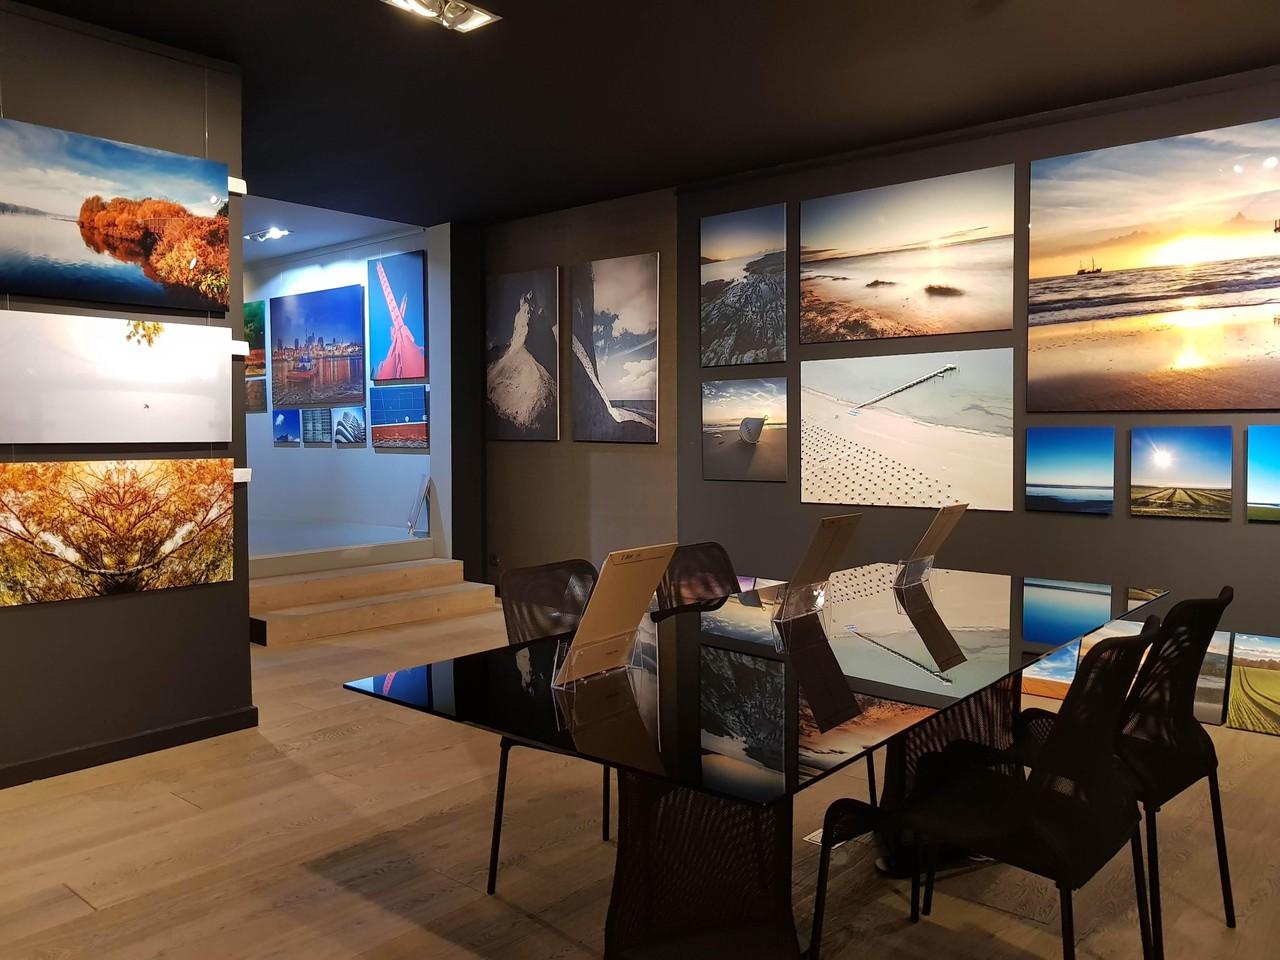 Hamburg Schulungsräume Galerie d'art \SLIFE\ Glastisch image 2